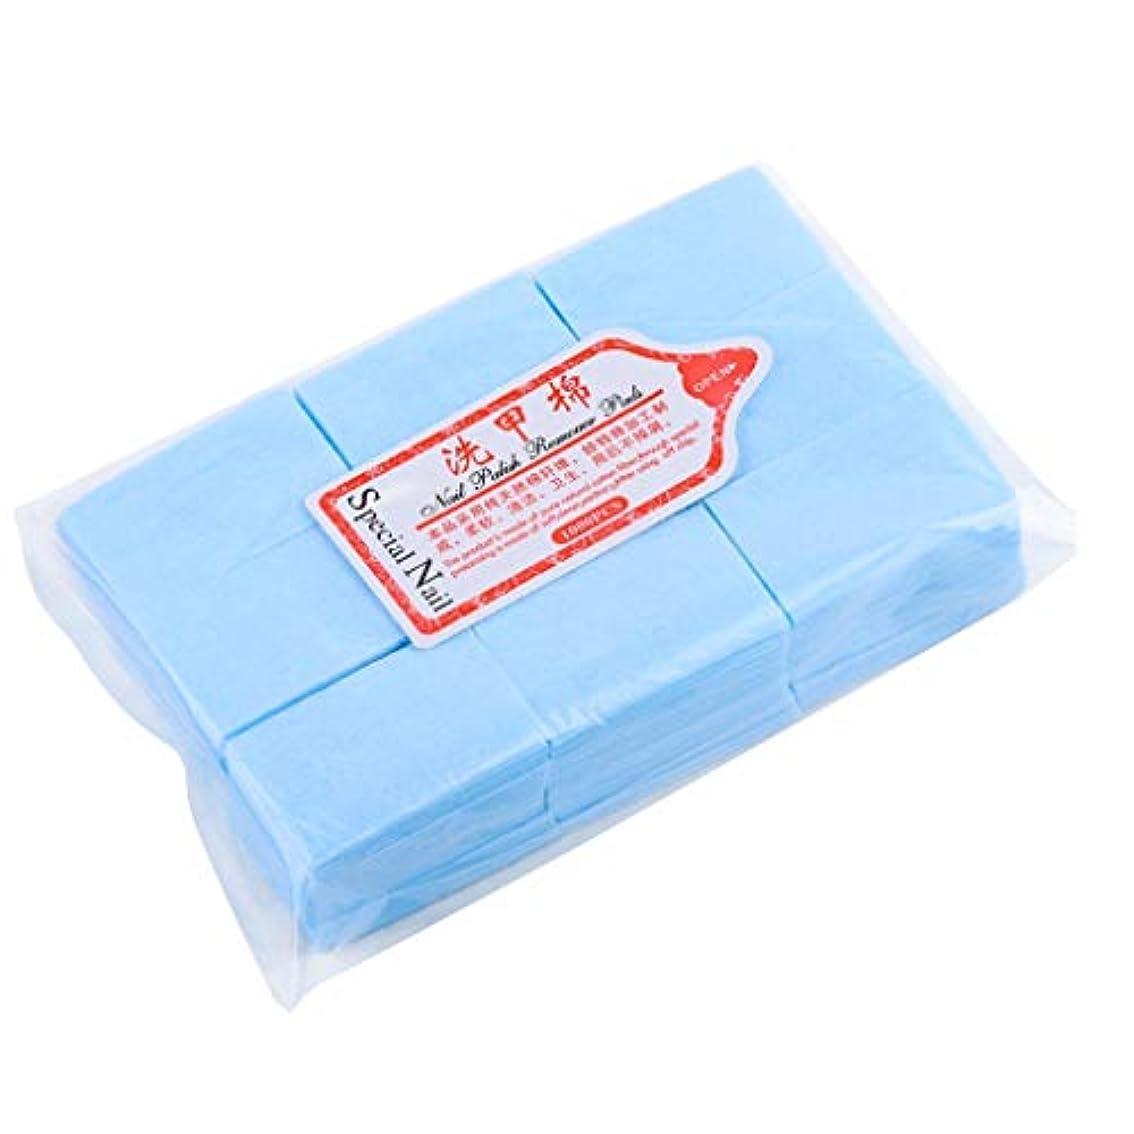 屋内もっと少なく高齢者Perfeclan ネイルワイプ コットンパッド 使い捨て ネイルポリッシュリムーバー パッド マニキュア 全4色 - ブルー